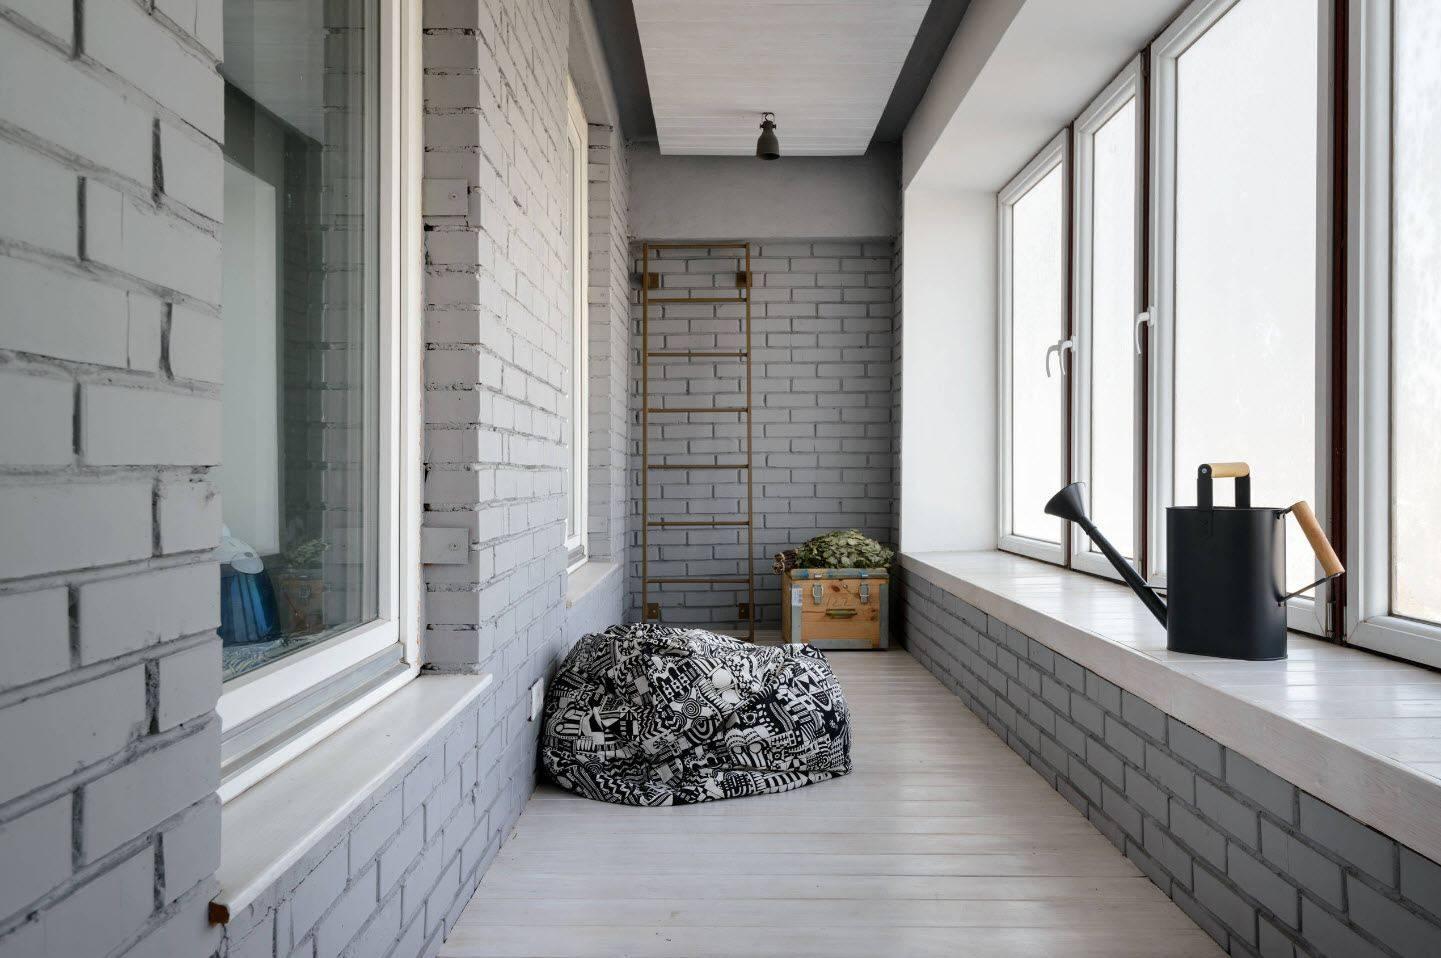 Дизайн балкона (216 фото): оформление интерьера балкона в квартире. как обустроить его внутри? варианты эксклюзивного дизайна. идеи простых и стильных проектов